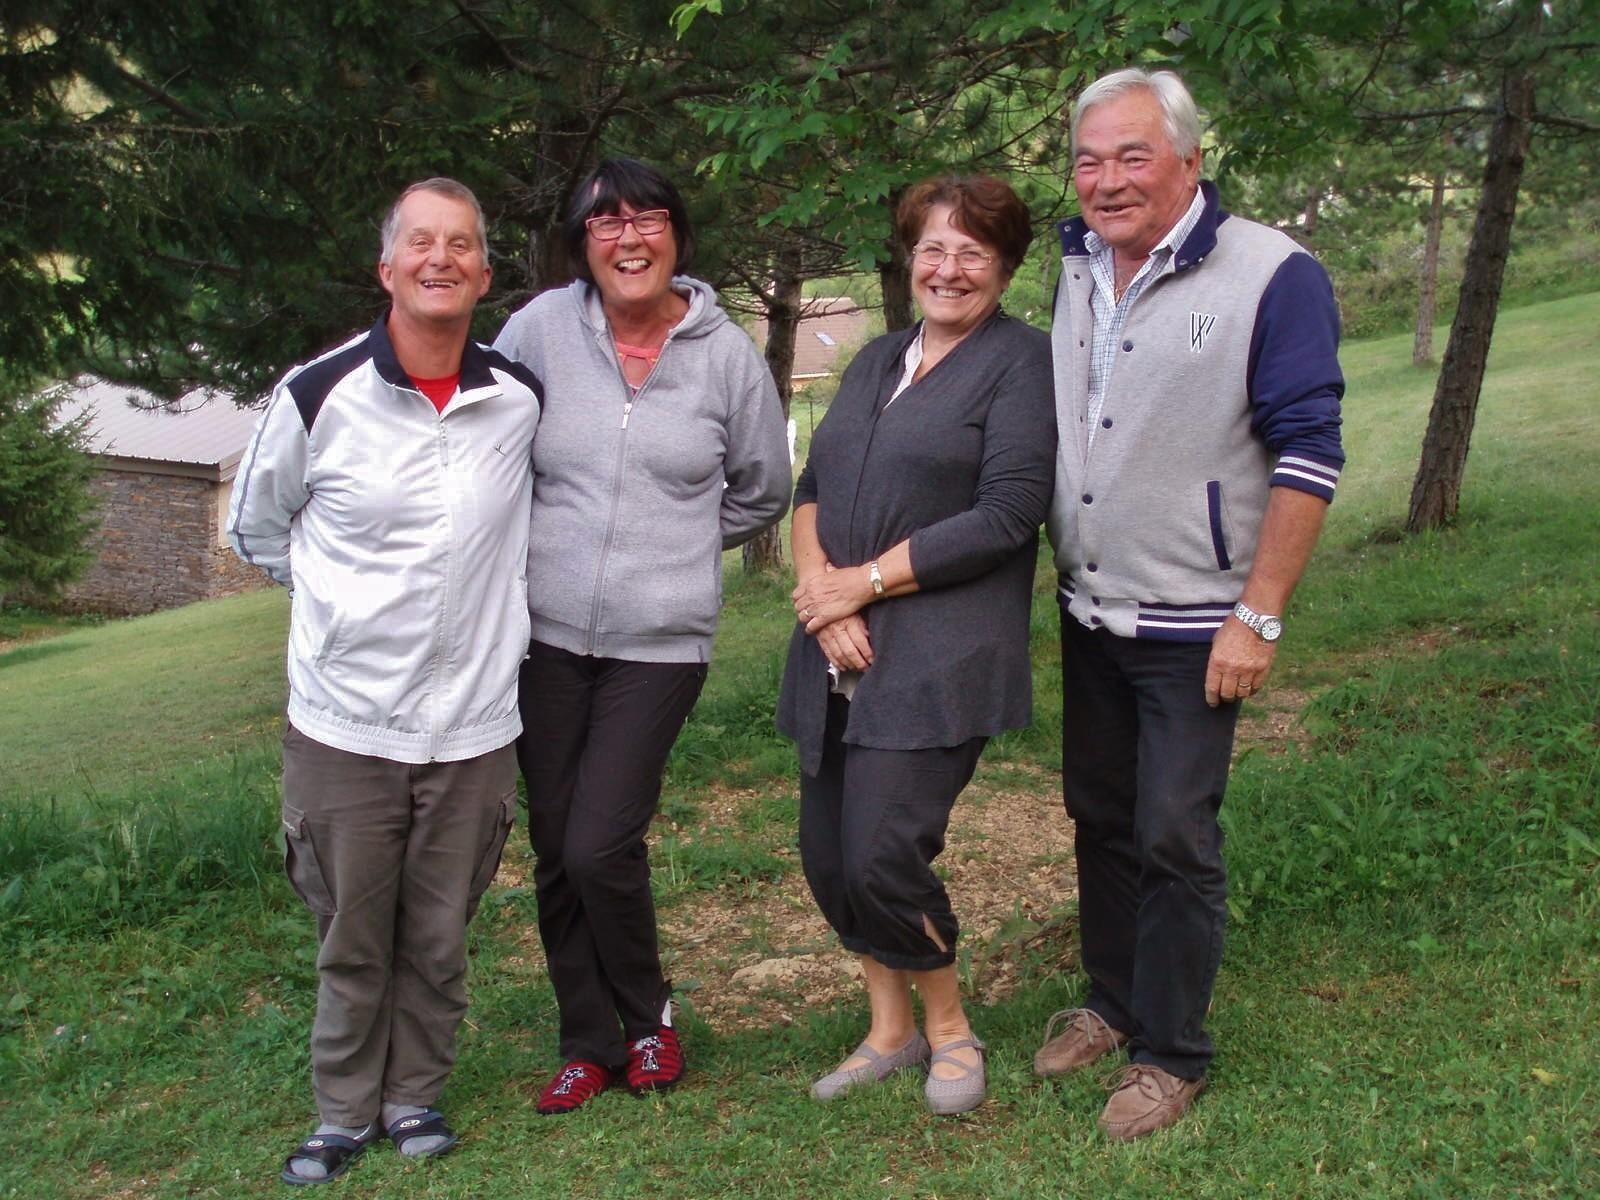 Jean-Luc, Anne-Marie, Bernadette et Robert.